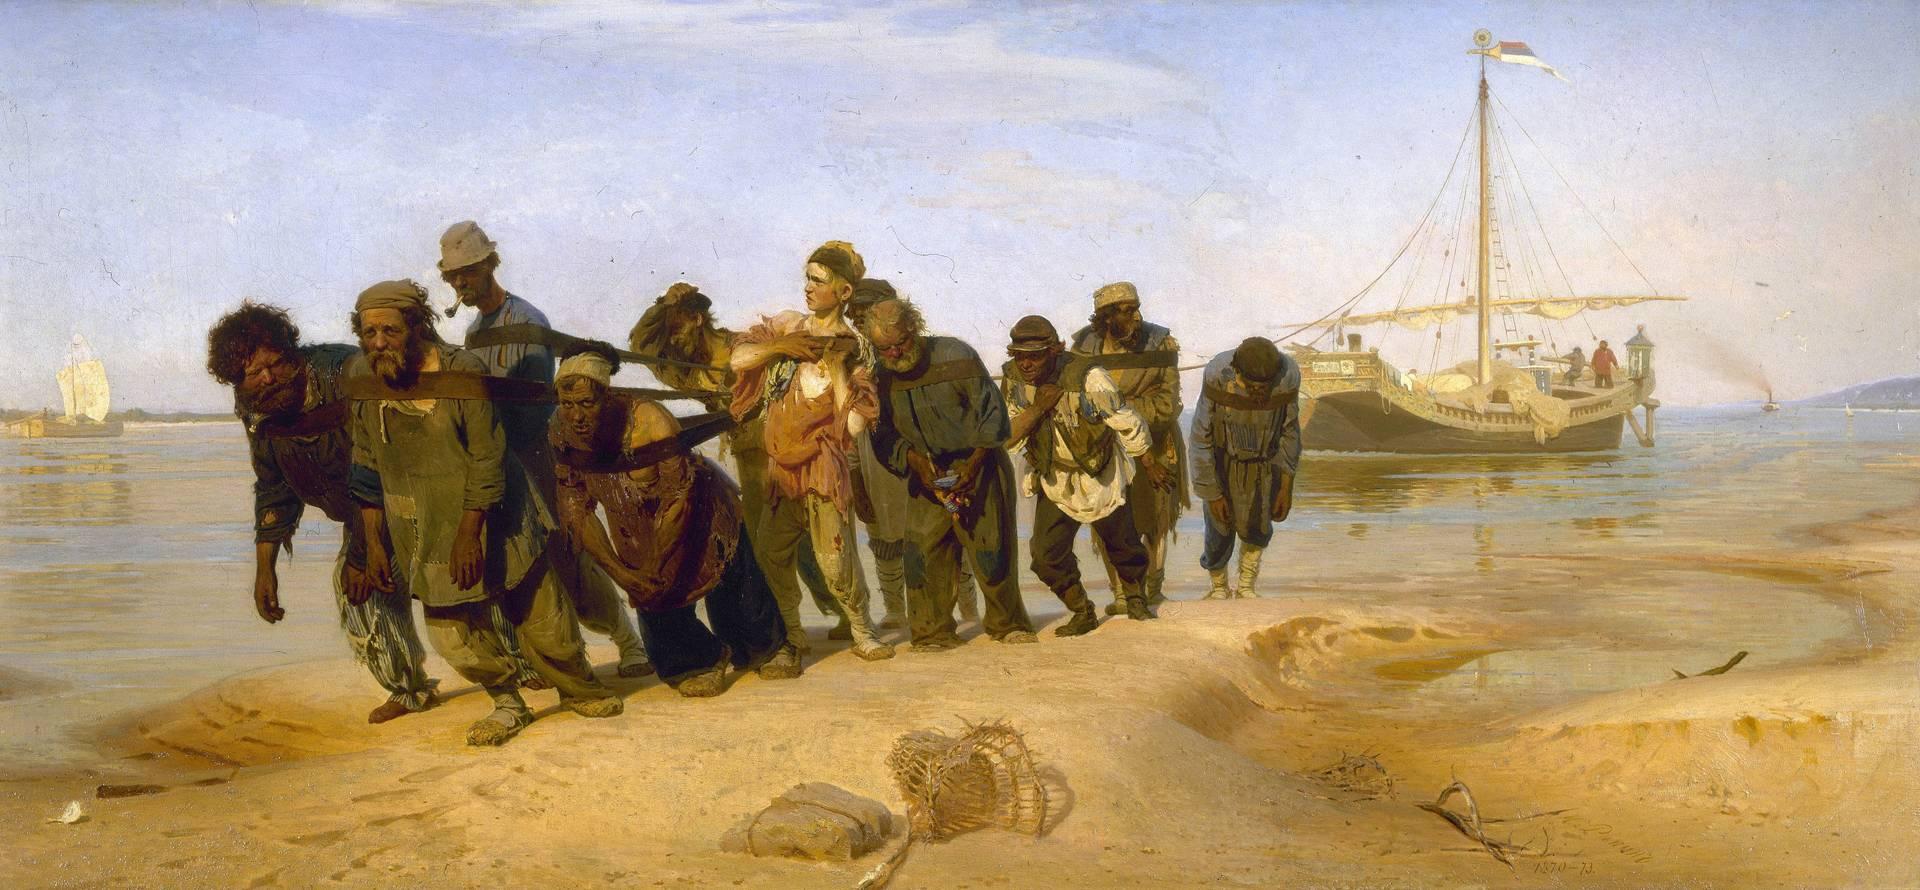 Илья Репин. Бурлаки на Волге. 1872–1873